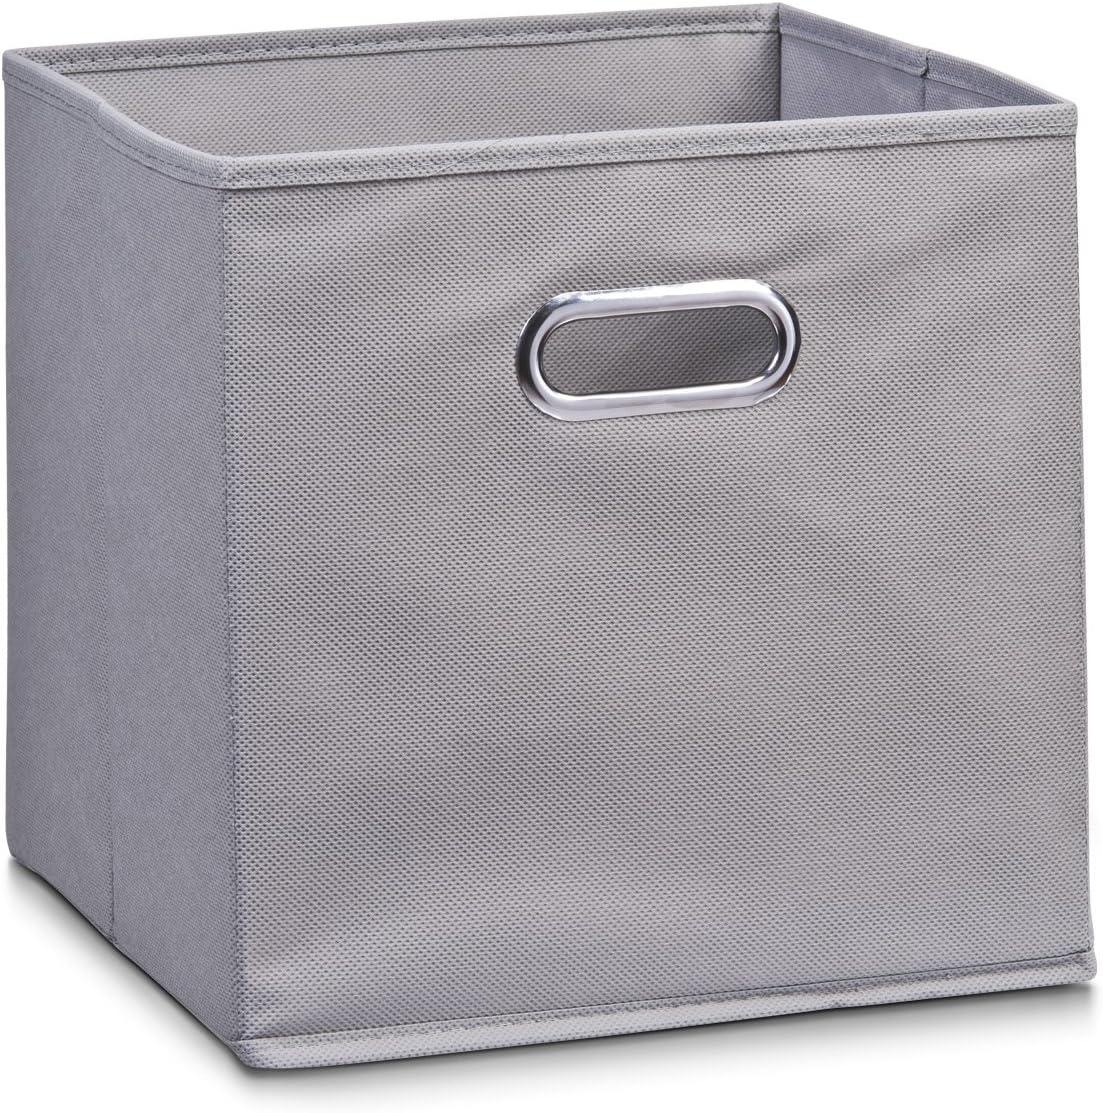 Zeller 14130 - Caja de almacenaje de tela, plegable, 28 x 28 x 28 cm, color gris